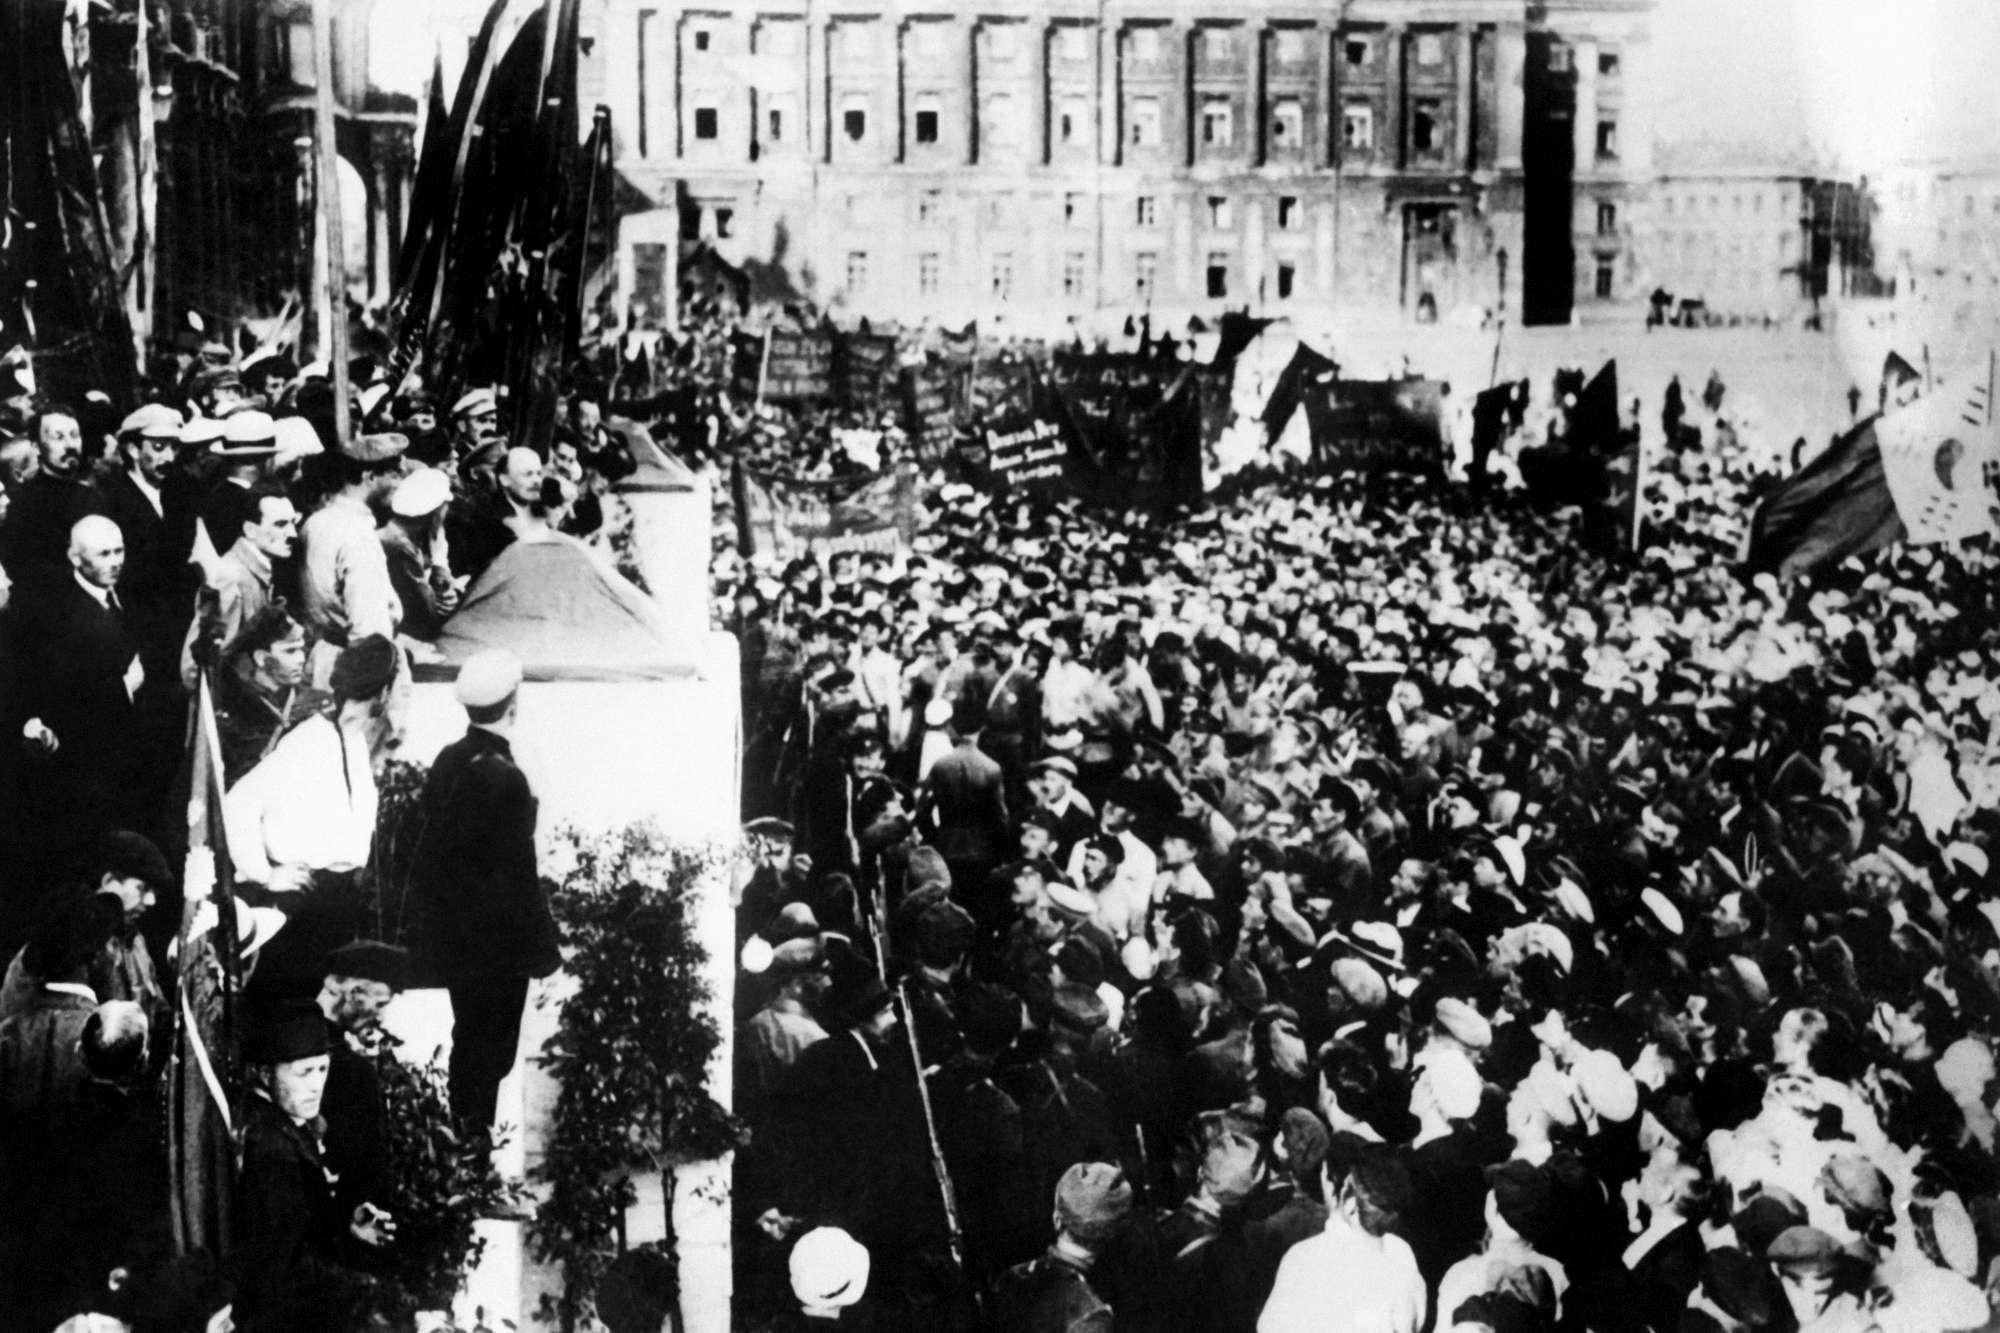 Rivoluzione russa, cento anni fa il  lungo ottobre  che cambiò la storia